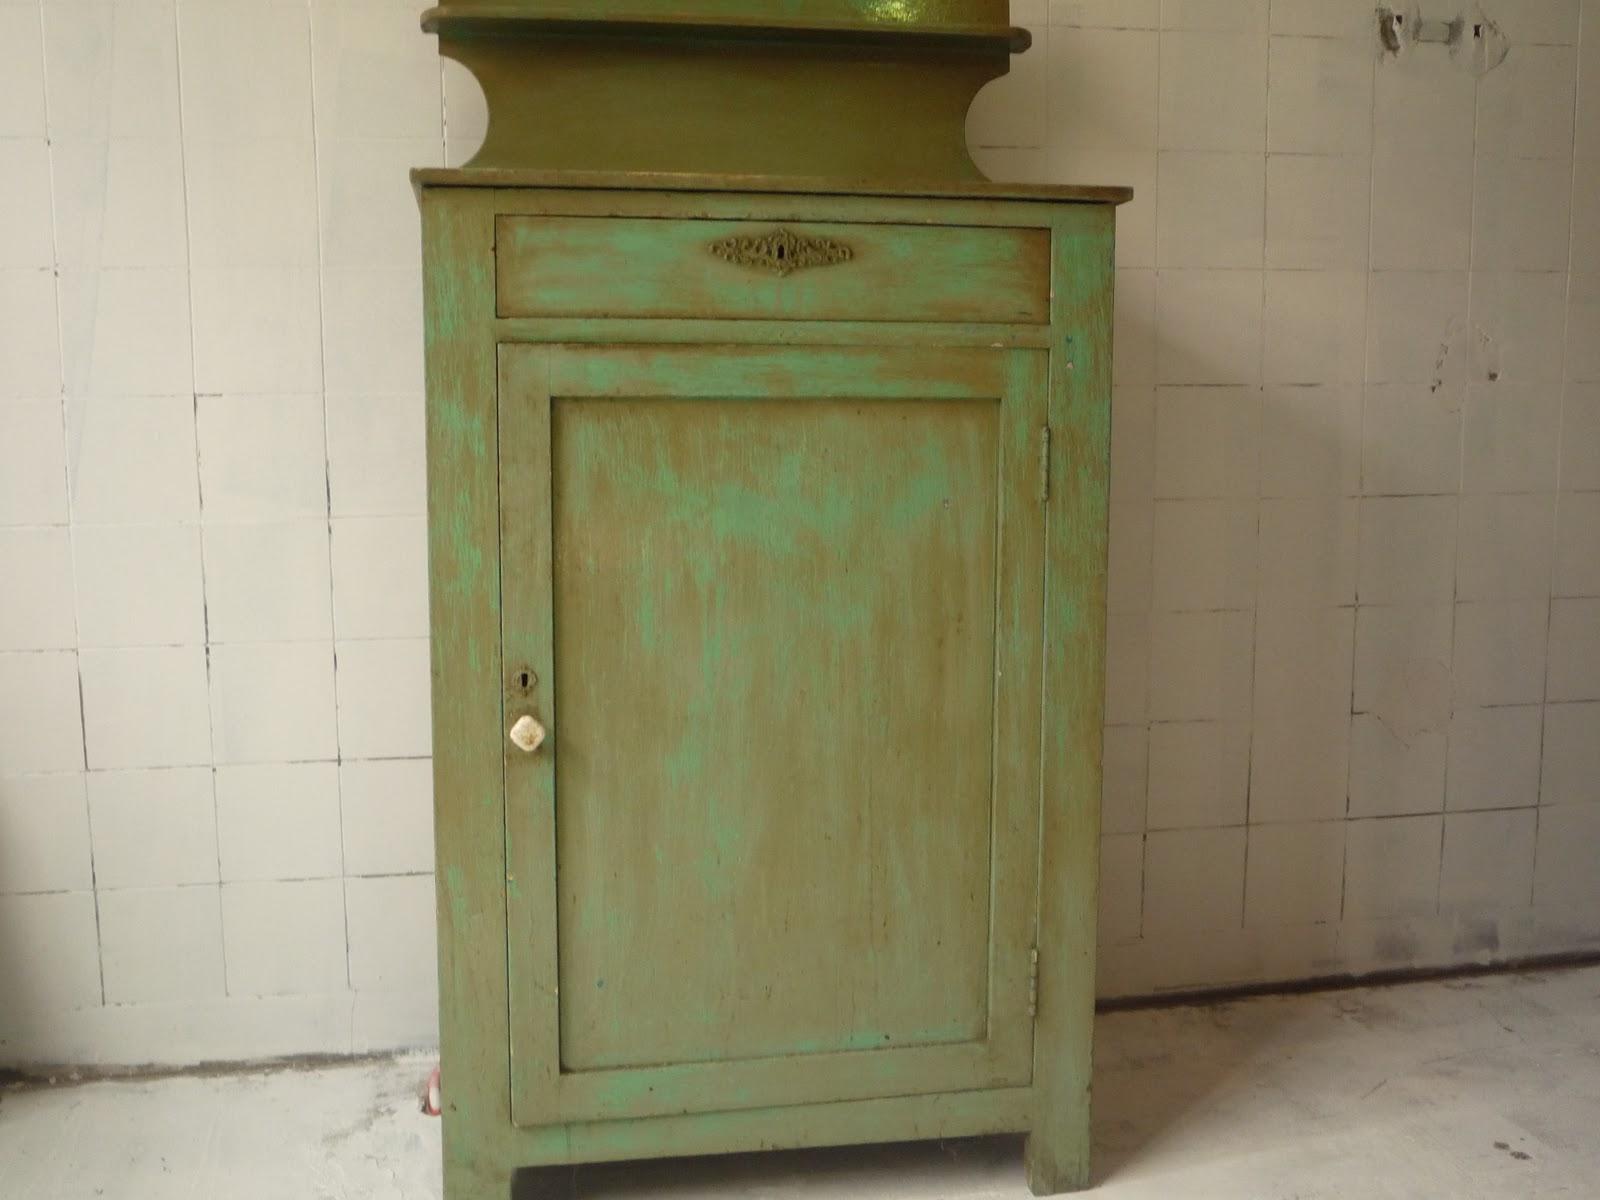 Compra venta y restauraci n de muebles antiguo aparador - Compra de muebles antiguos ...